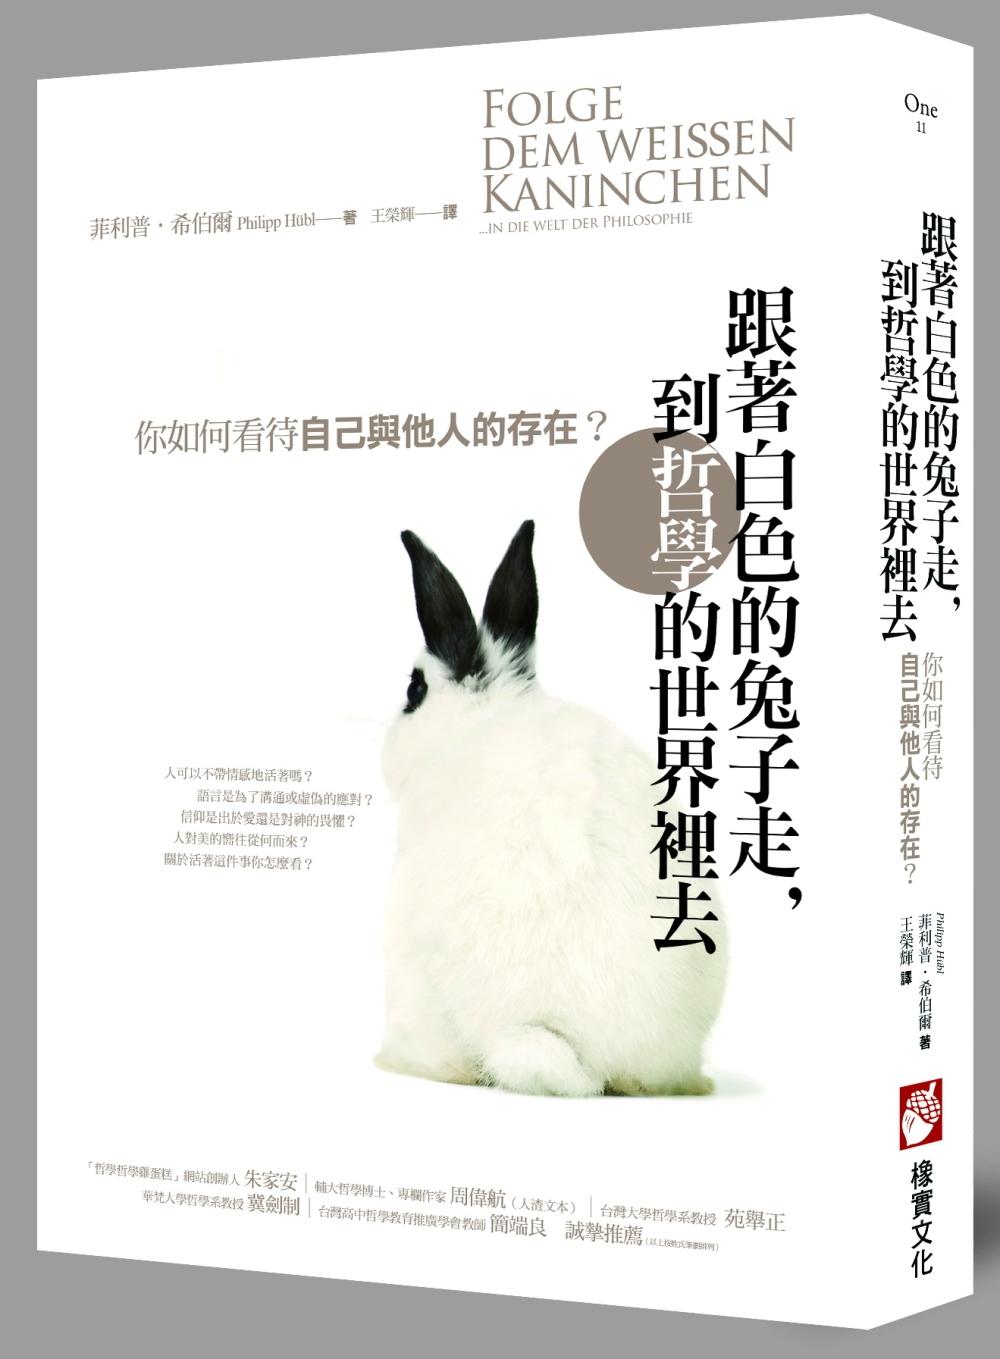 跟著白色的兔子走,到哲學的世界裡去:你如何看待自己與他人的存在?